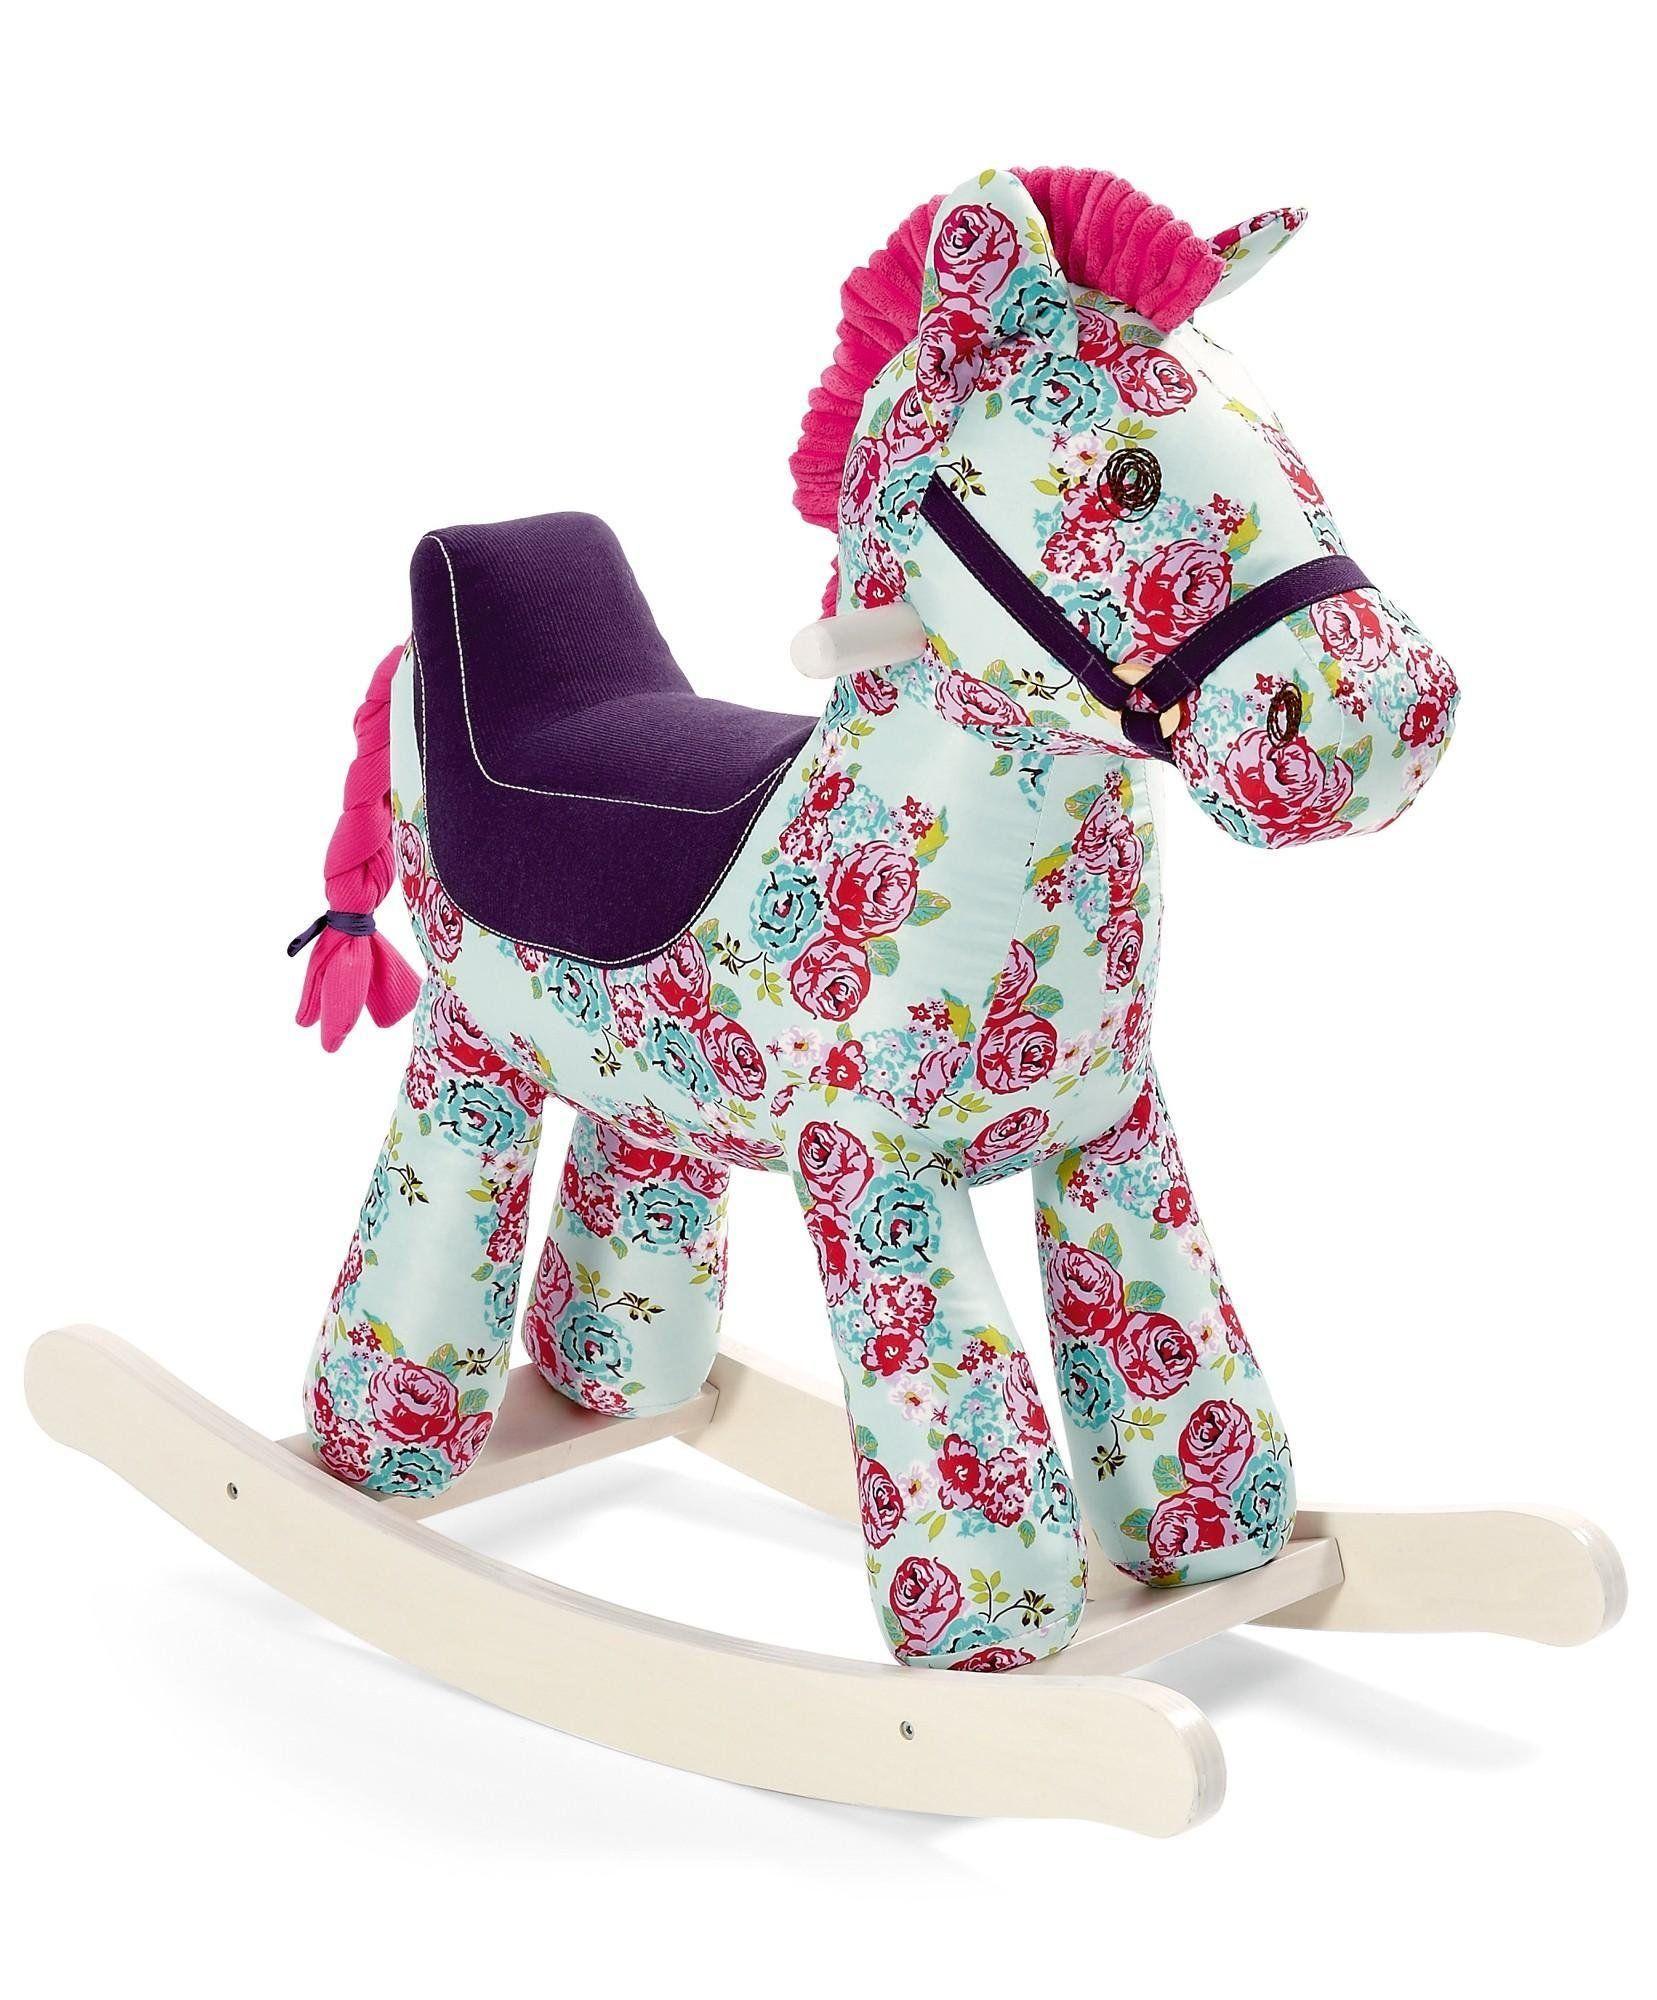 Mamas Papas Blossom Rocking Horse Toy Amazon Co Uk